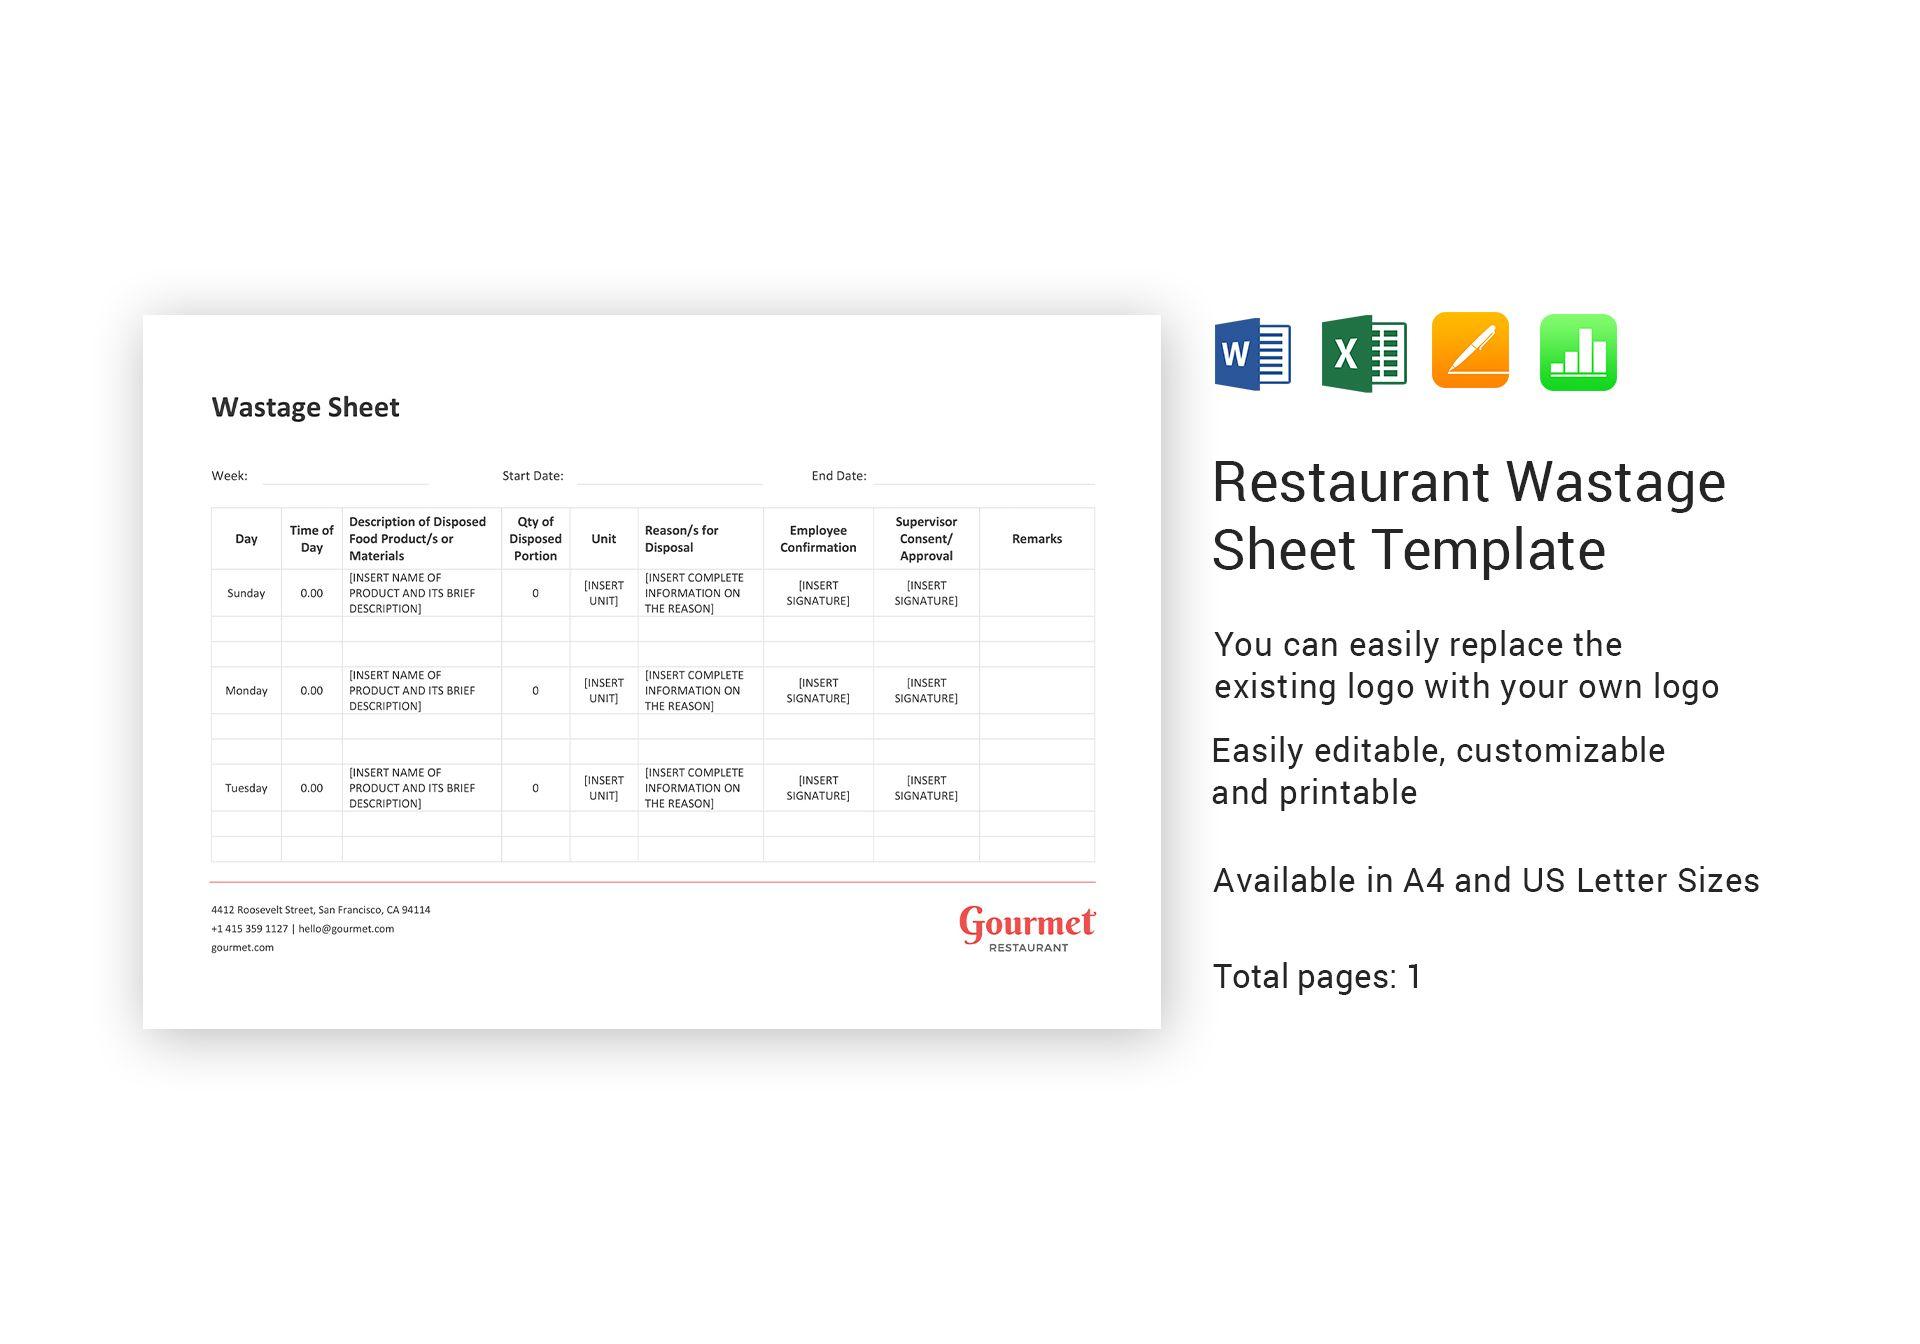 Restaurant Wastage Sheet